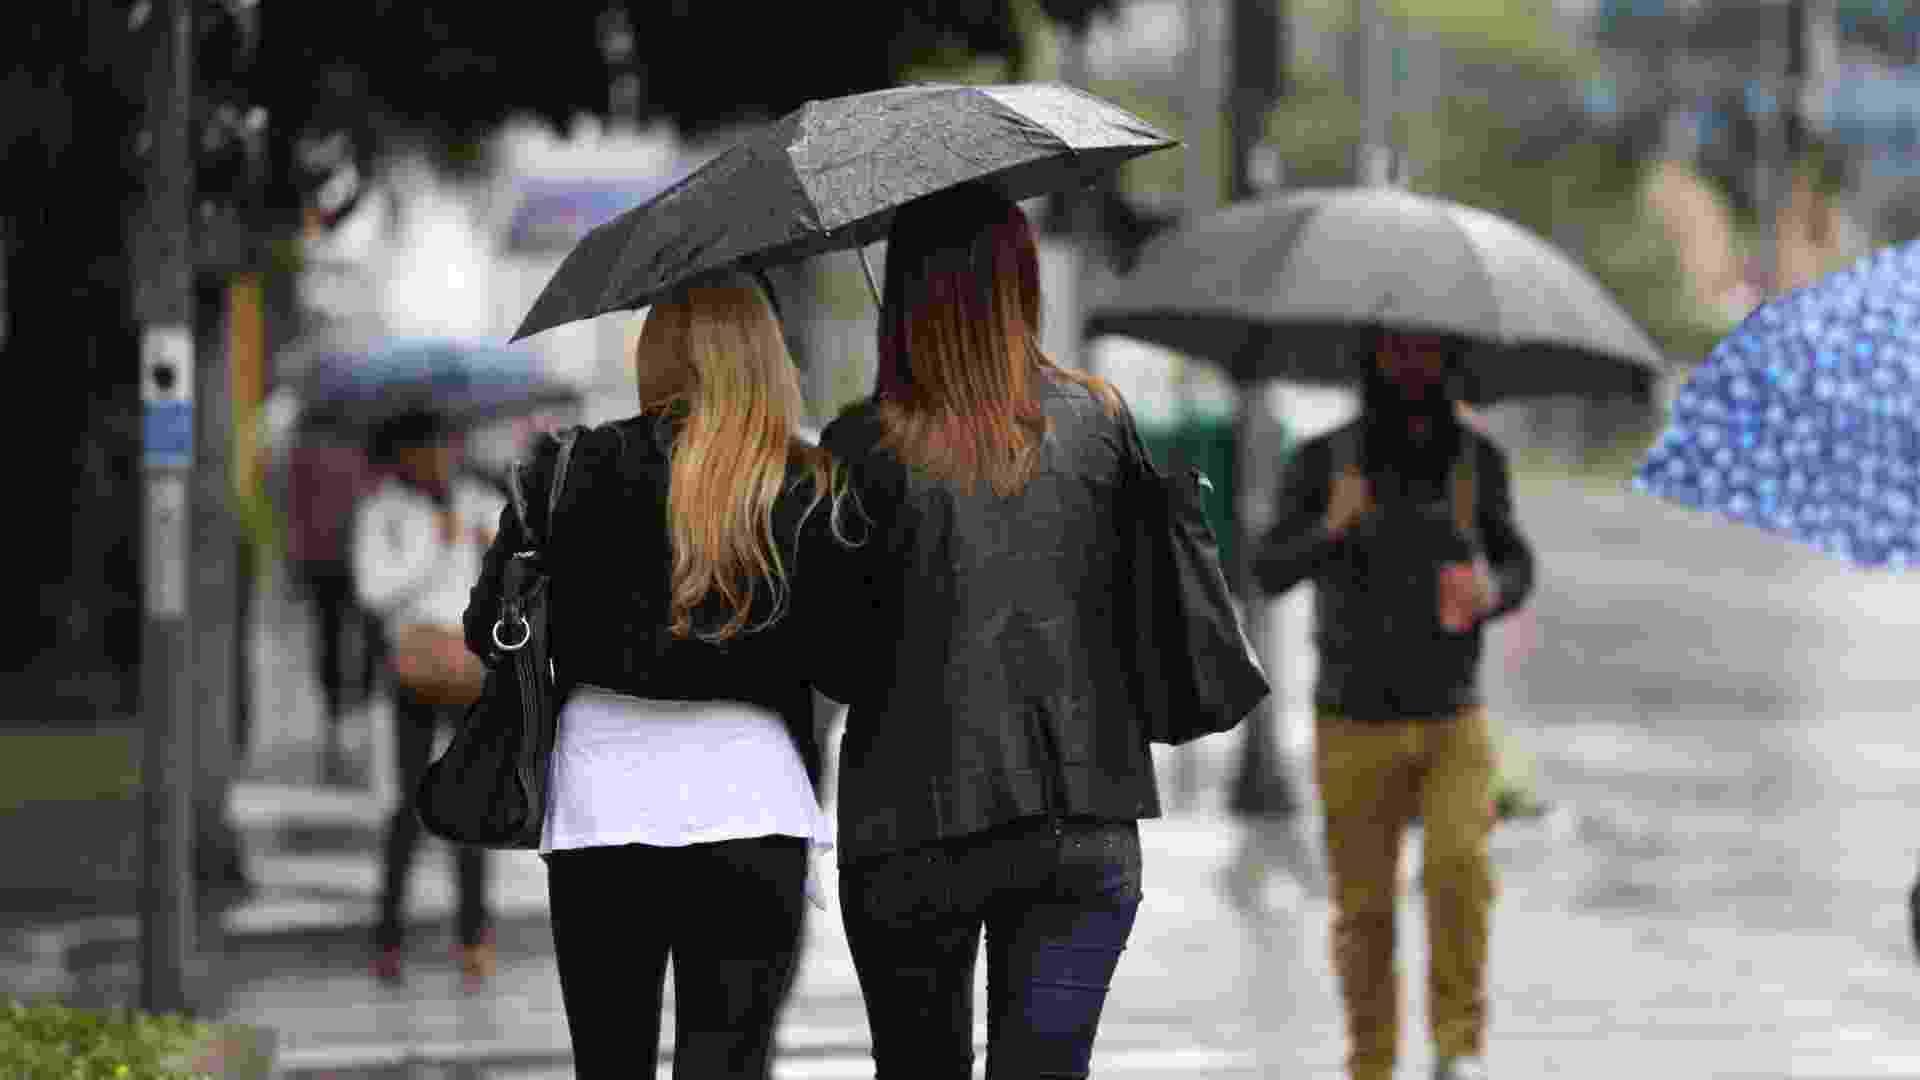 19.jul.2013 - Esta sexta-feira (19) registrou uma mudança brusca de temperatura em São Paulo, com os termômetros marcando cerca de 16ºC na capital paulista. A propagação de uma frente fria provoca o aumento de nuvens no decorrer do dia. No começo da tarde, ocorrem chuvas de leves a moderadas na cidade. Na quinta (18), a temperatura máxima foi de 26ºC - Derek Sismotto Flores/UOL